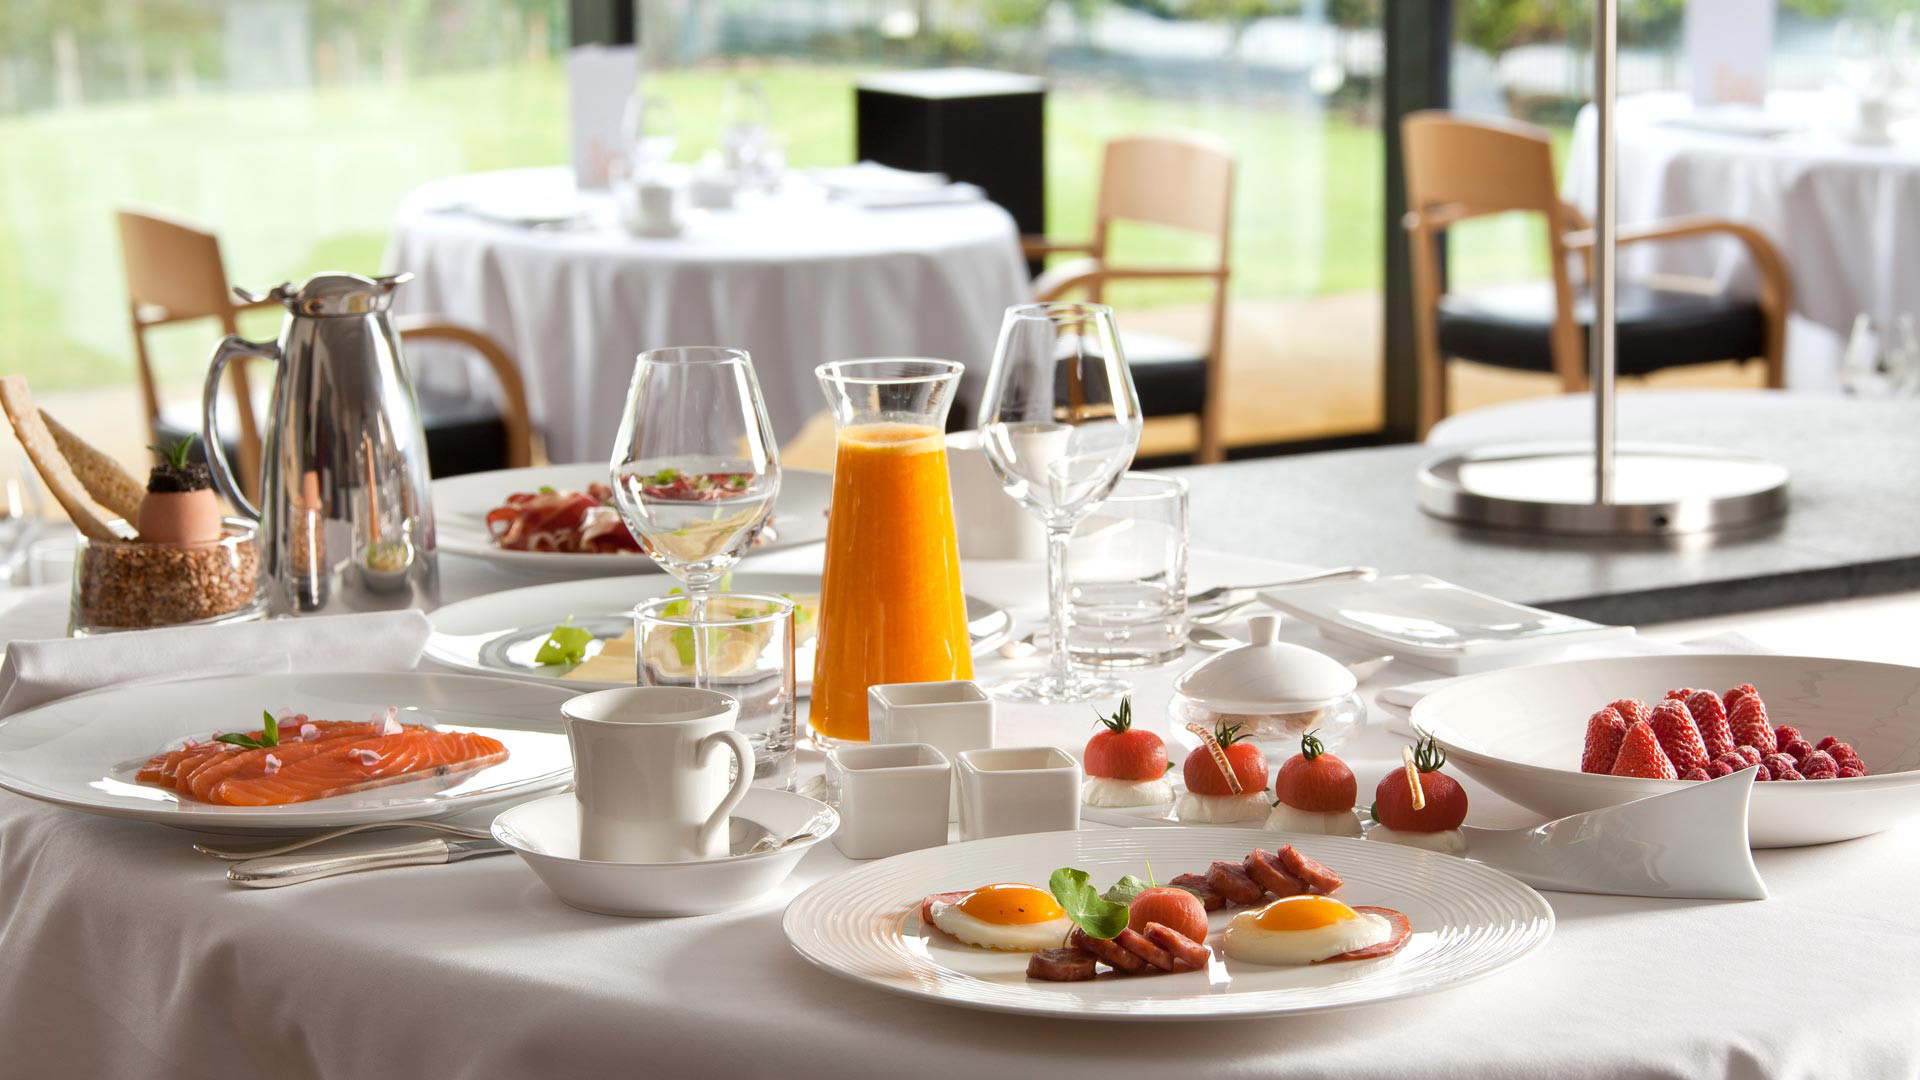 Restaurant gastronomique toil bordeaux saint james - Decoration table restaurant gastronomique ...